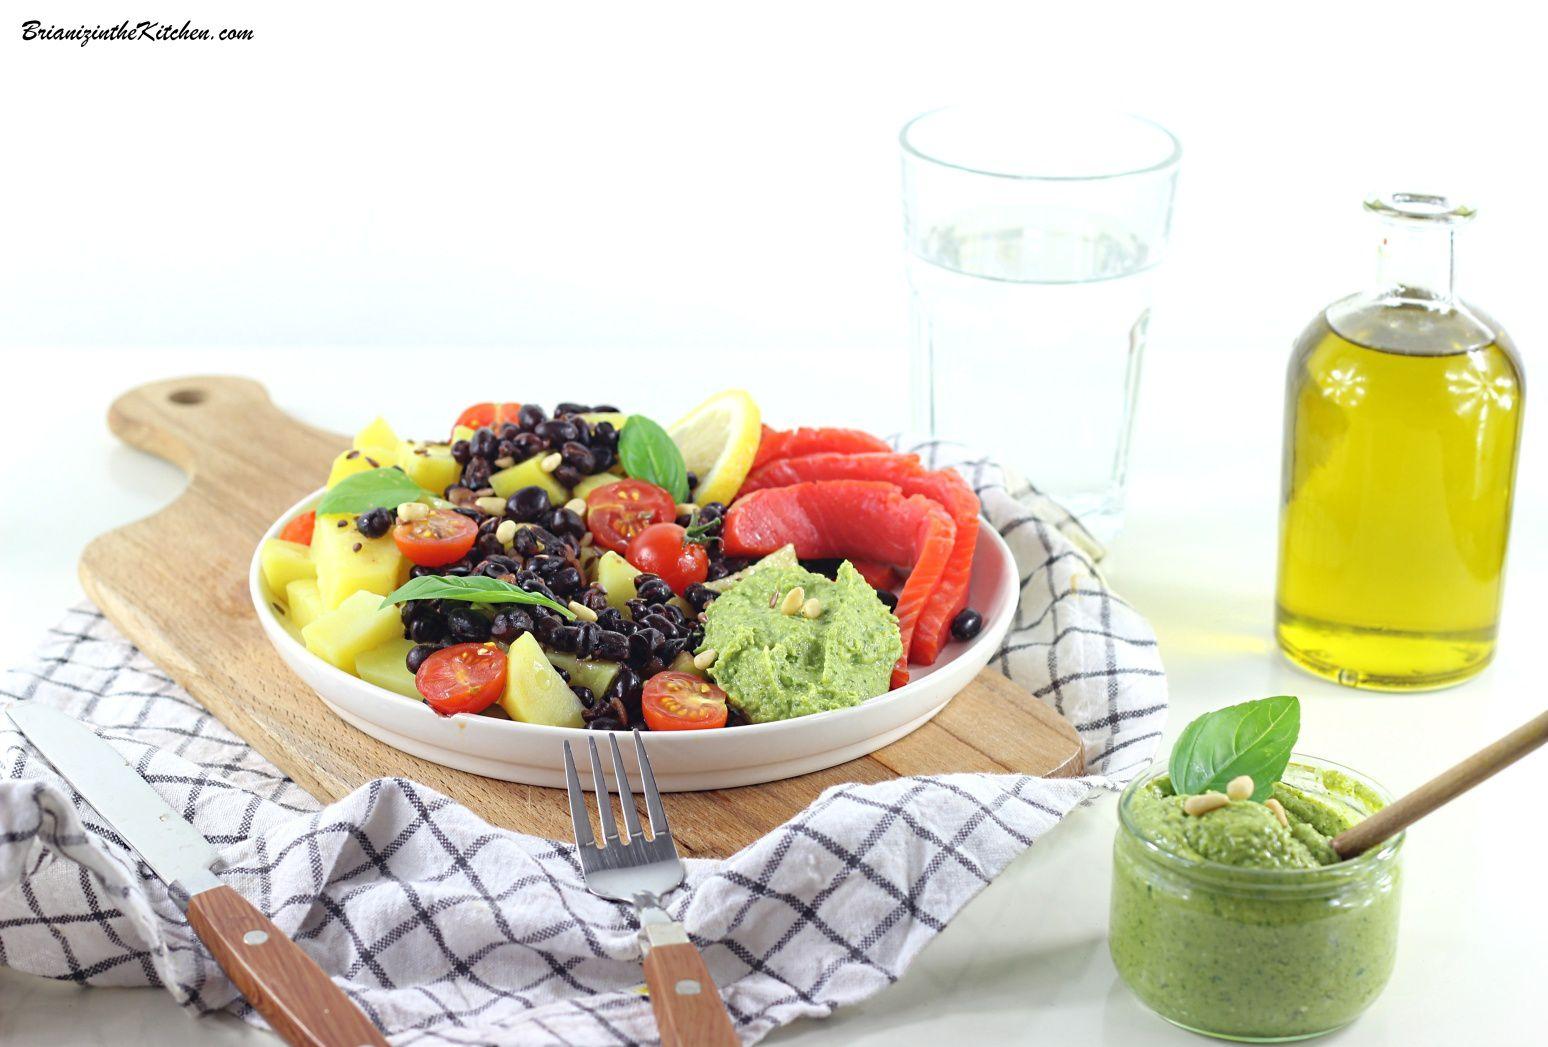 Une salade toute simple comprenant des pommes de terre, des haricots rouges azuki, des tomates cerises, du saumon sauvage...